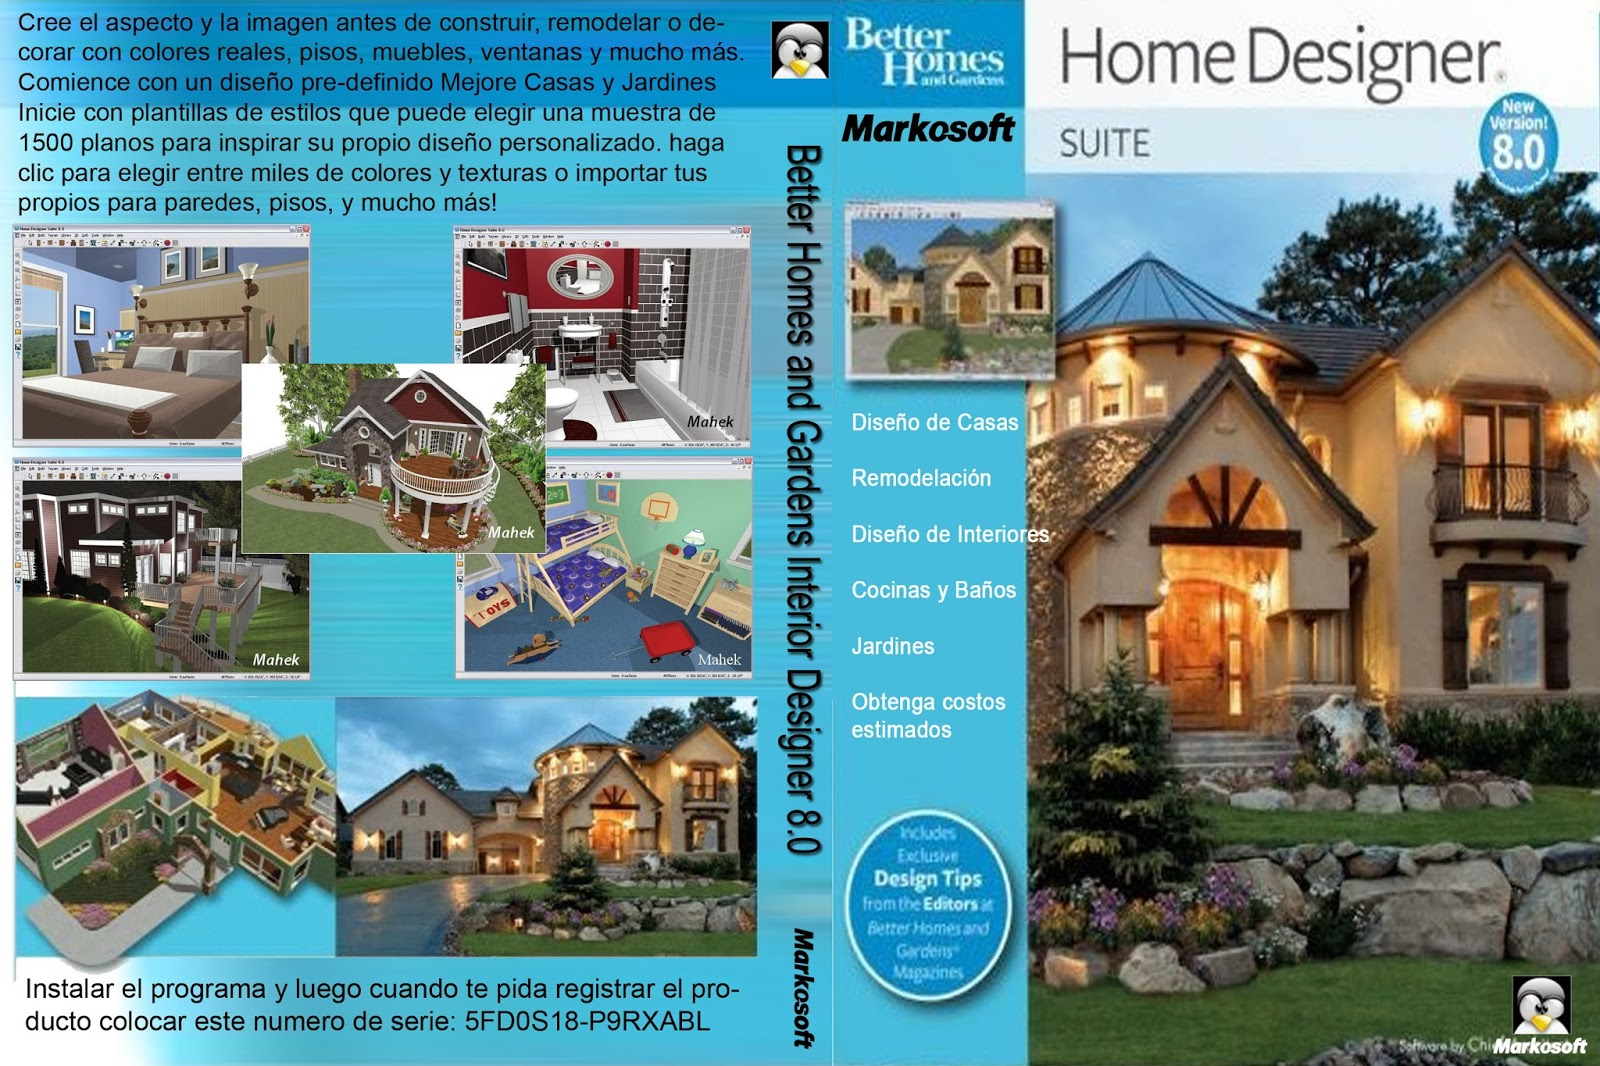 Portadas arquitecura e ingenieria caterpillar sis - Better homes and gardens interior designer ...